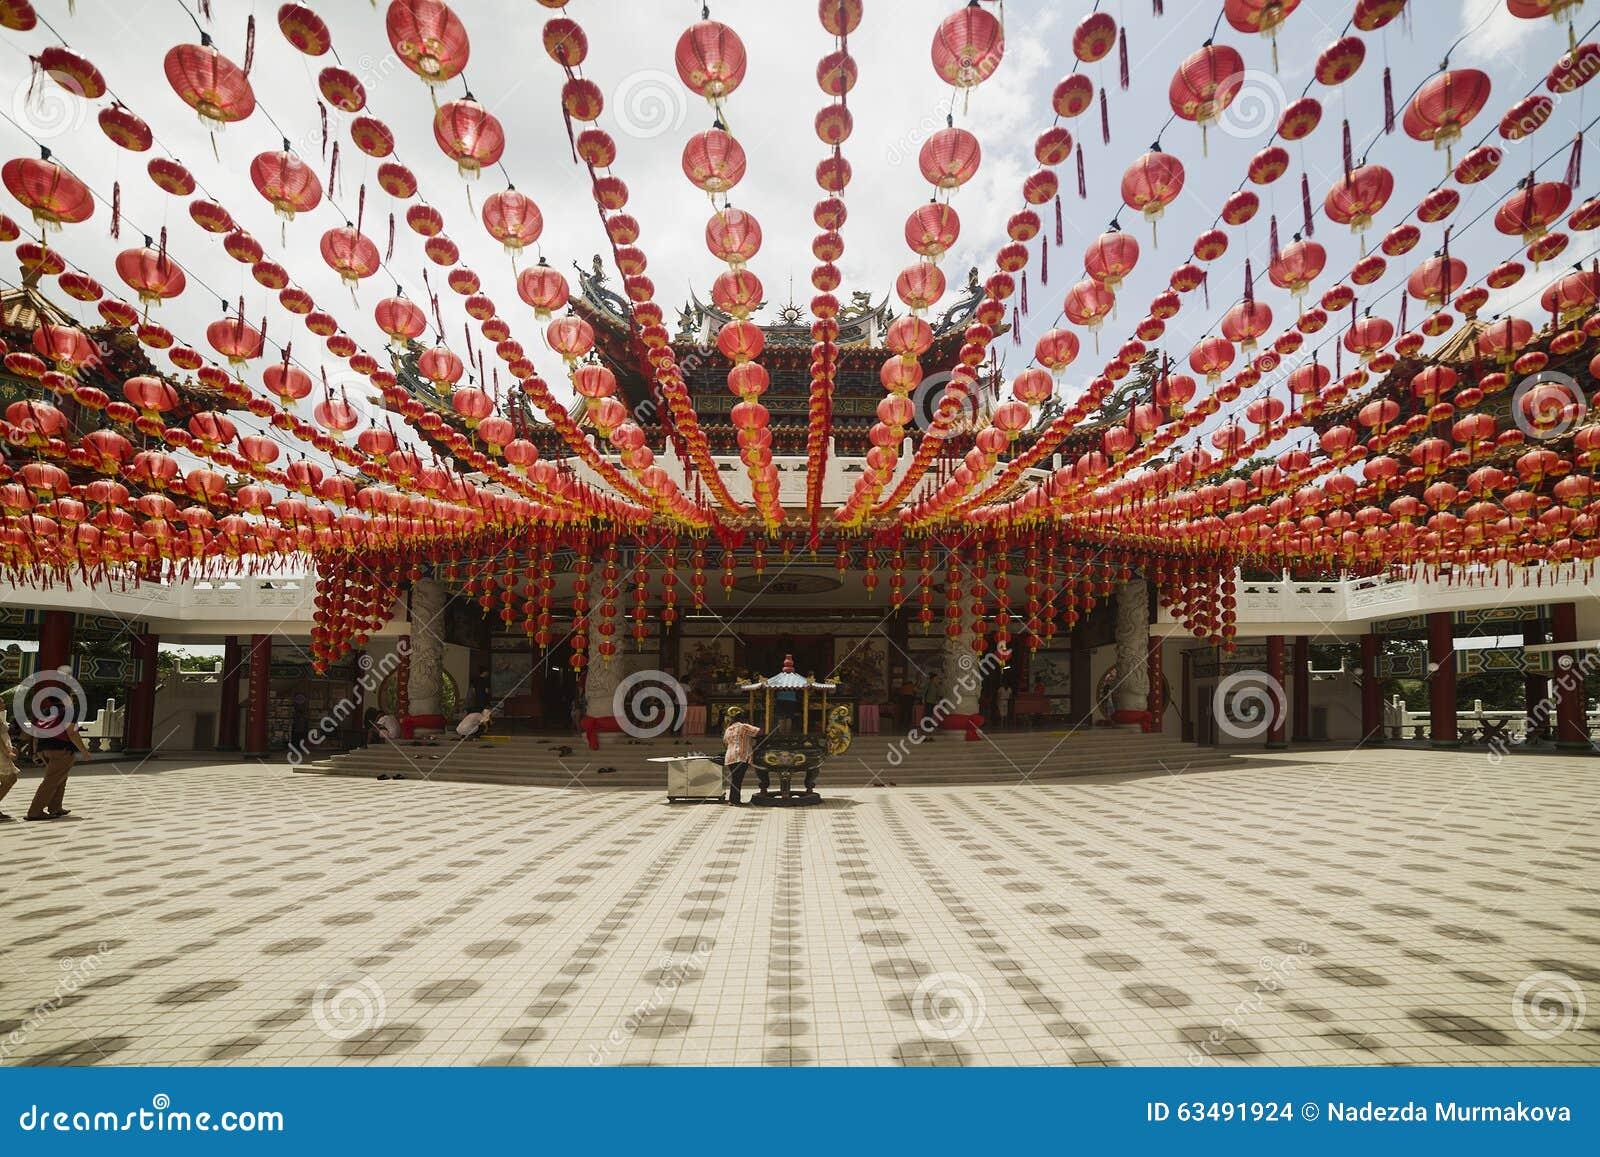 KUALA LUMPUR, MALÁSIA - 15 DE MARÇO DE 2014 Templo de Thean Hou em Kuala Lumpur Malaysia